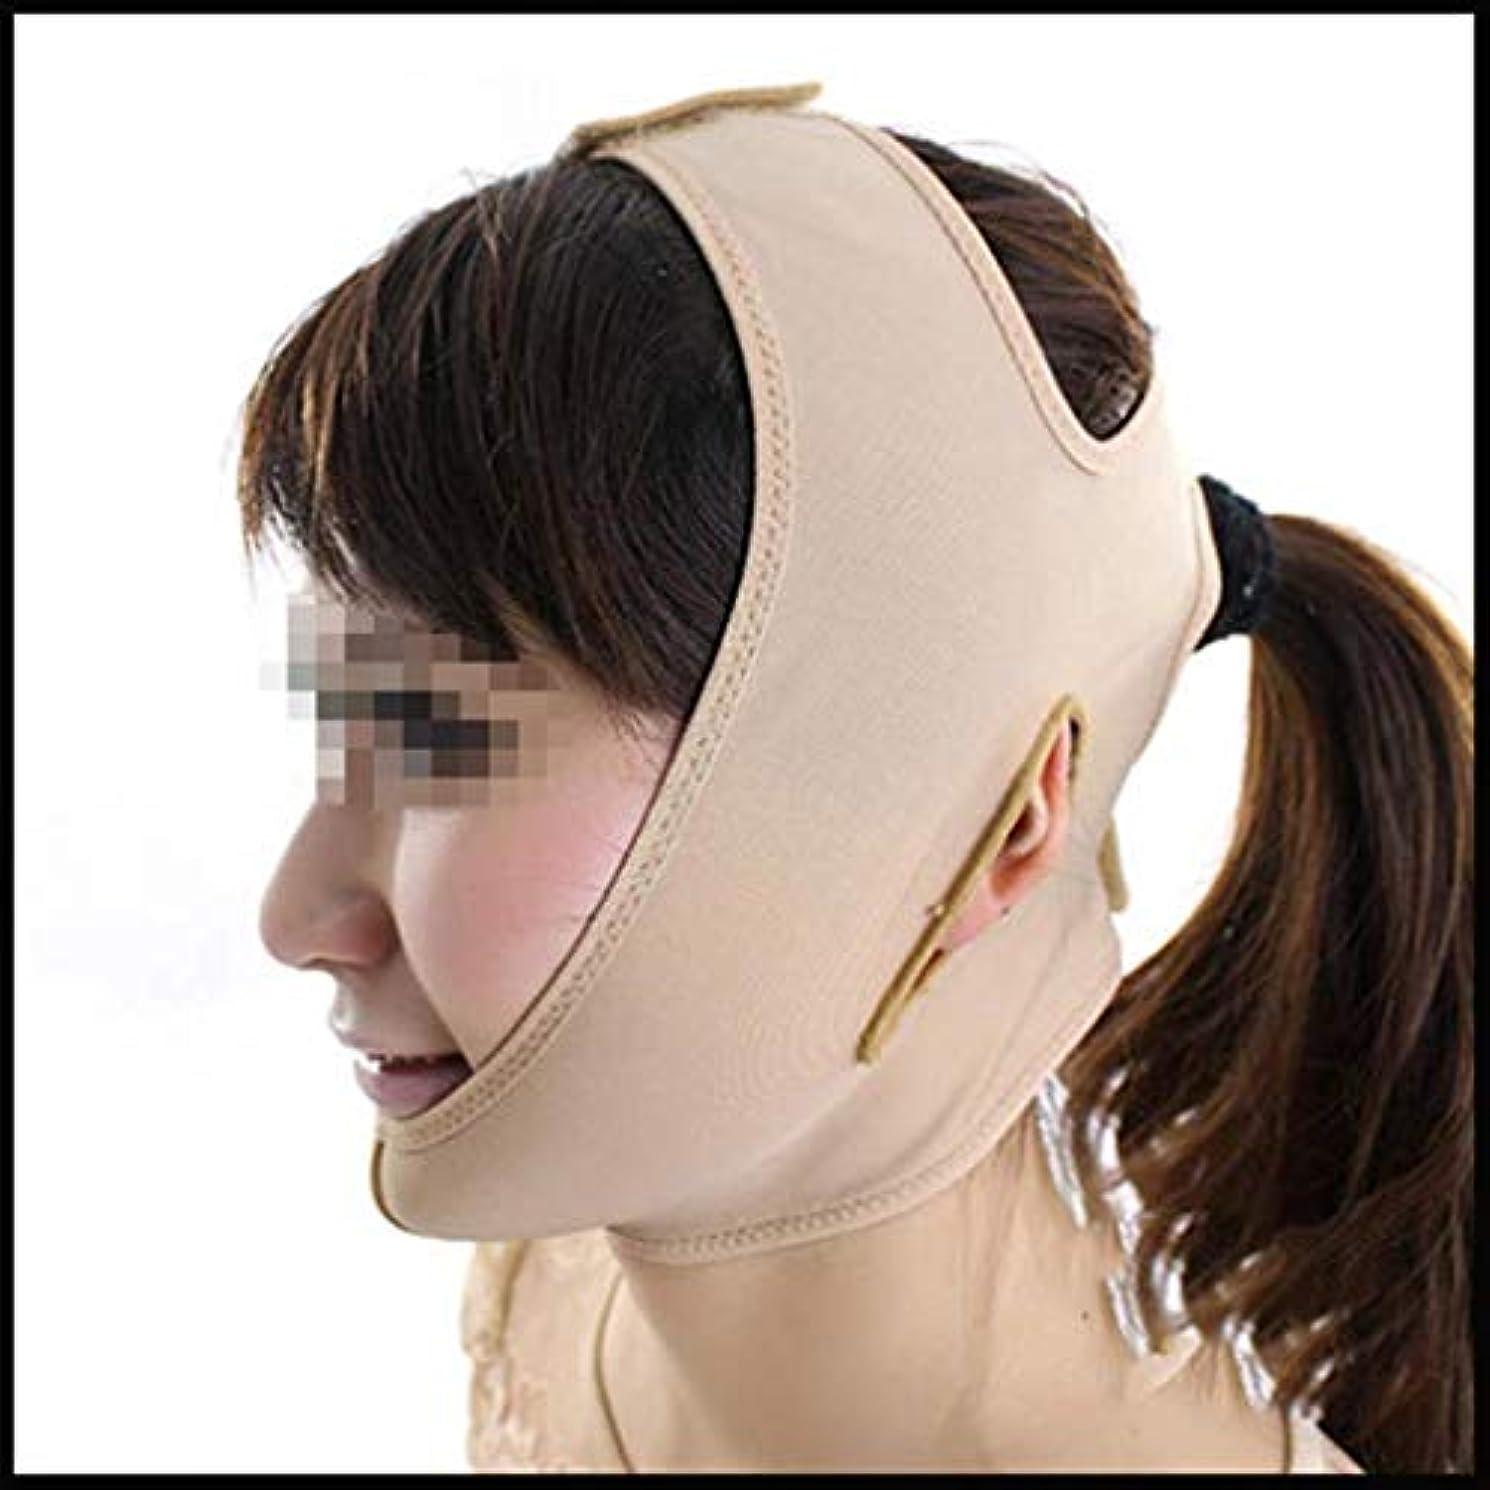 消去前者経度フェイスリフティングバンデージ、薄いフェイスマスク薄い咬筋マッスルチンスリープフェイスリフティングフェイス付きの薄いフェイスVフェイス薄いフェイスマスク(サイズ:S)